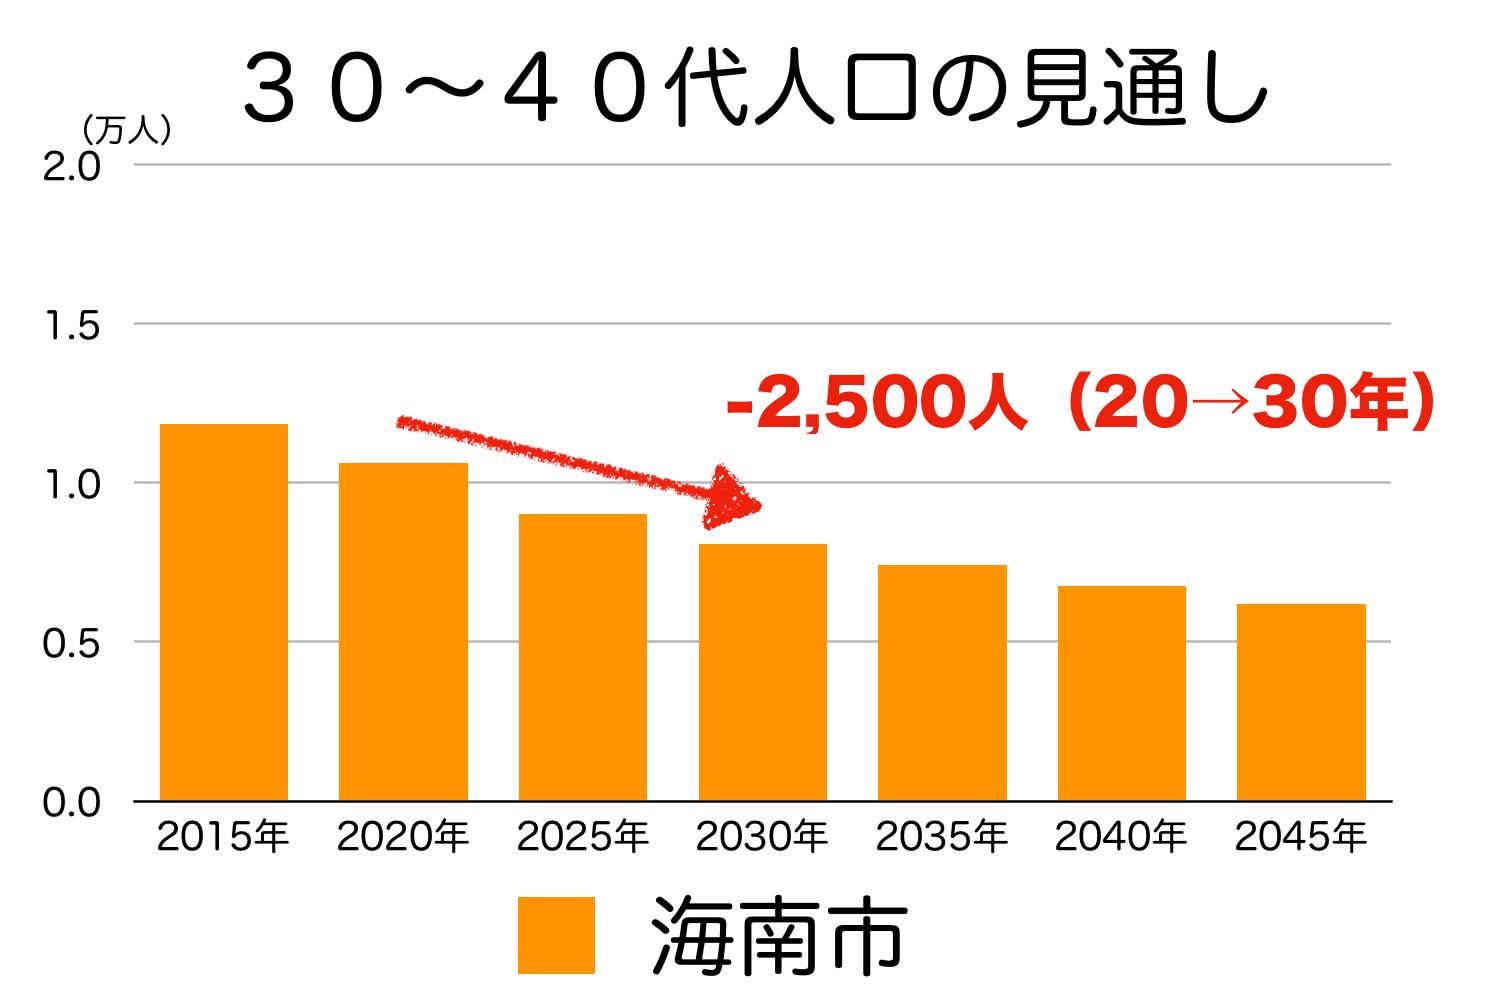 海南市の30〜40代人口の予測